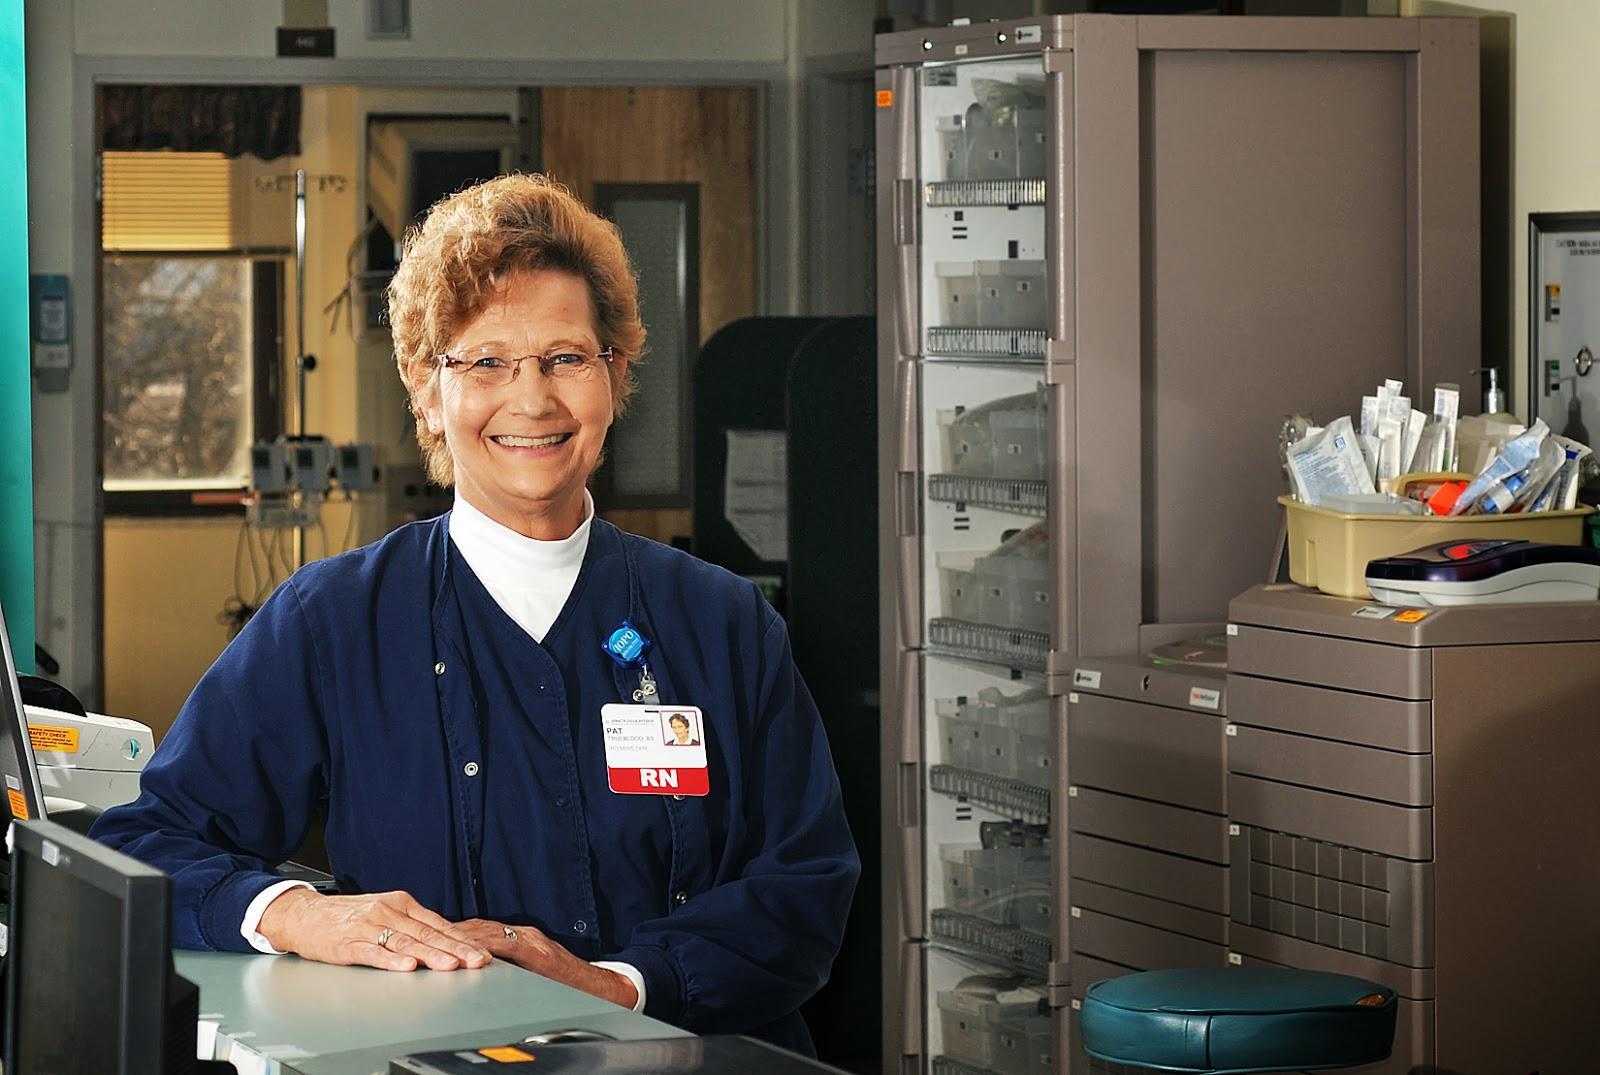 Kdh Emergency Room Madison Indiana